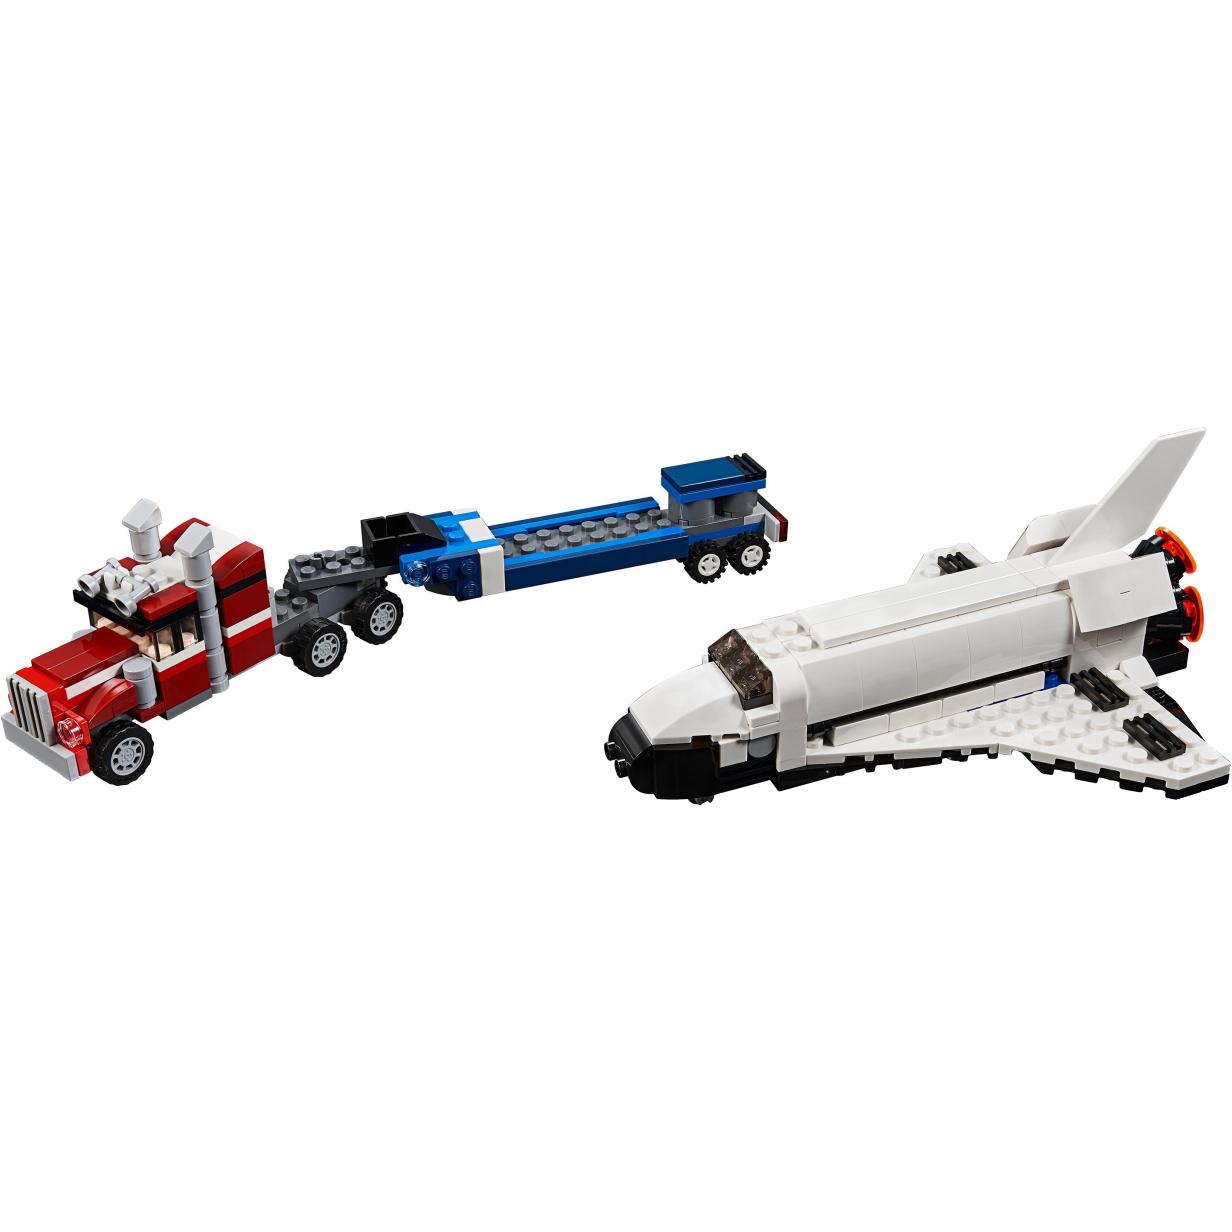 Купить Конструктор Lego Creator Транспортировщик шаттлов 31091, пластик, для мальчиков, Конструкторы, пазлы